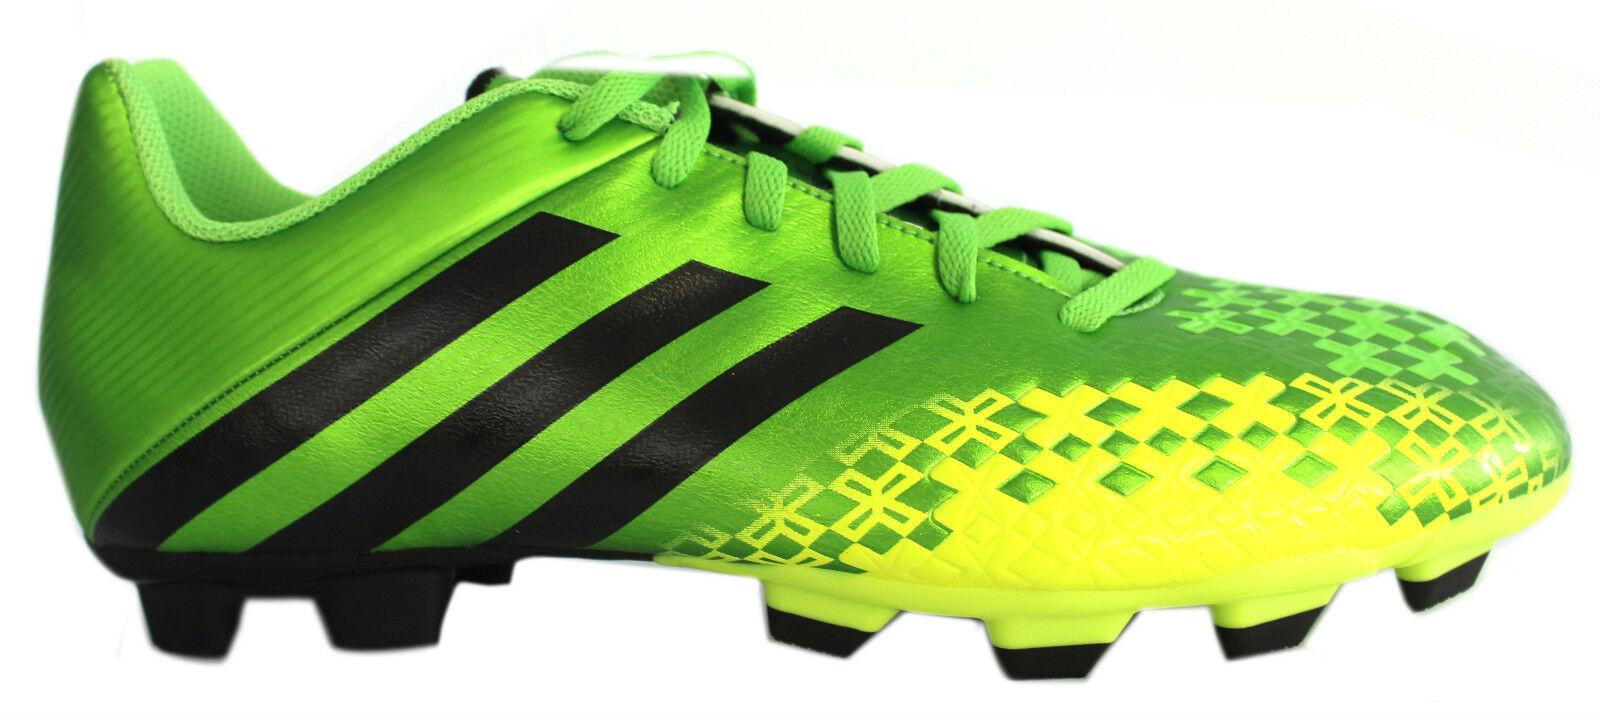 Adidas Prossoito Lz TRX Fg Terreno Compatto Scarpe Calcio Uomo Uomo Uomo Sport Q21649 D40 611209